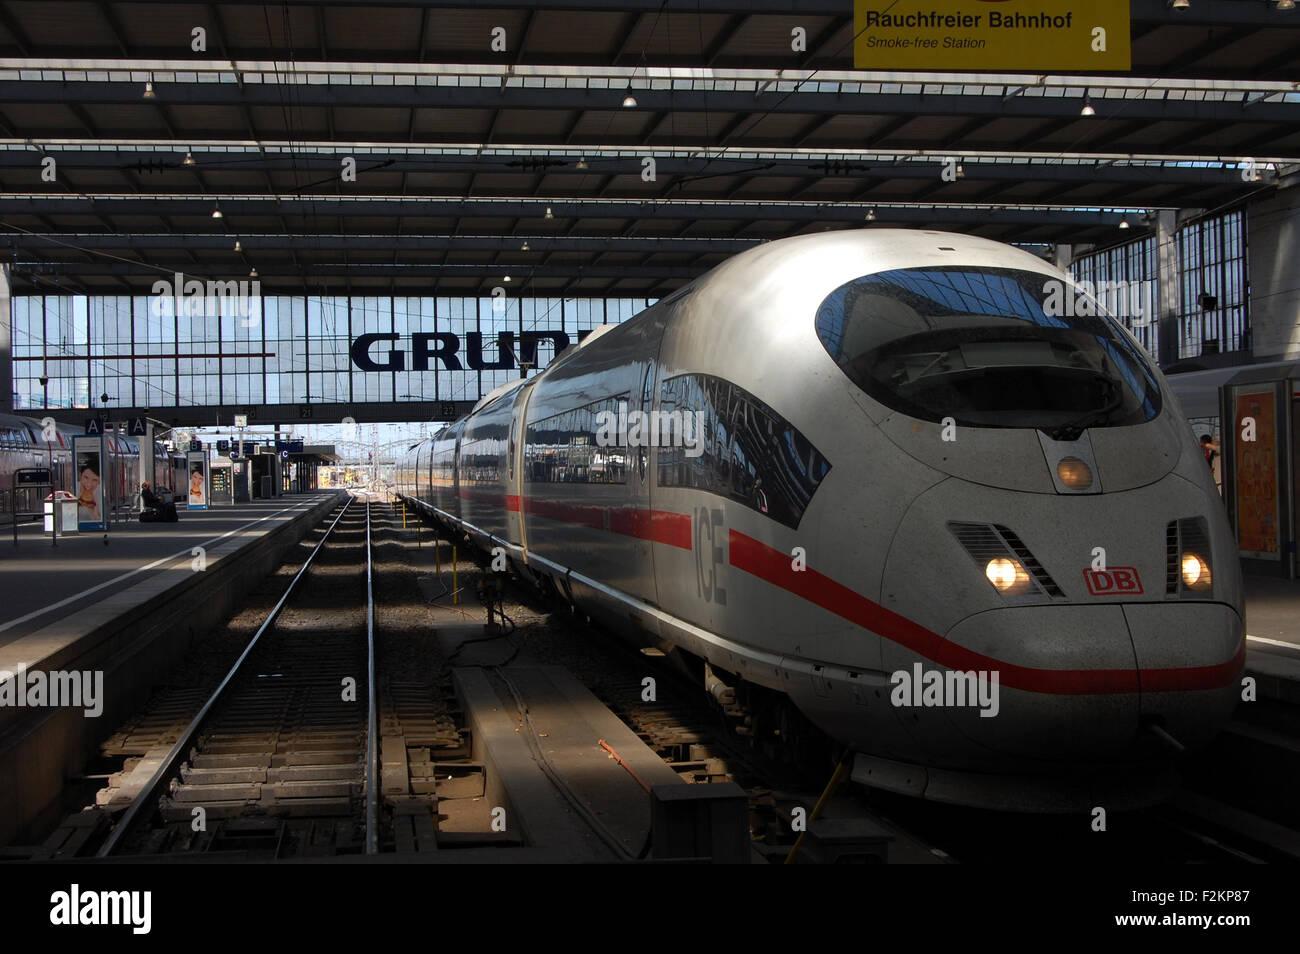 Eine Inter City Express (ICE) Zug der Deutschen Bahn am Hauptbahnhof in München warten. Stockbild